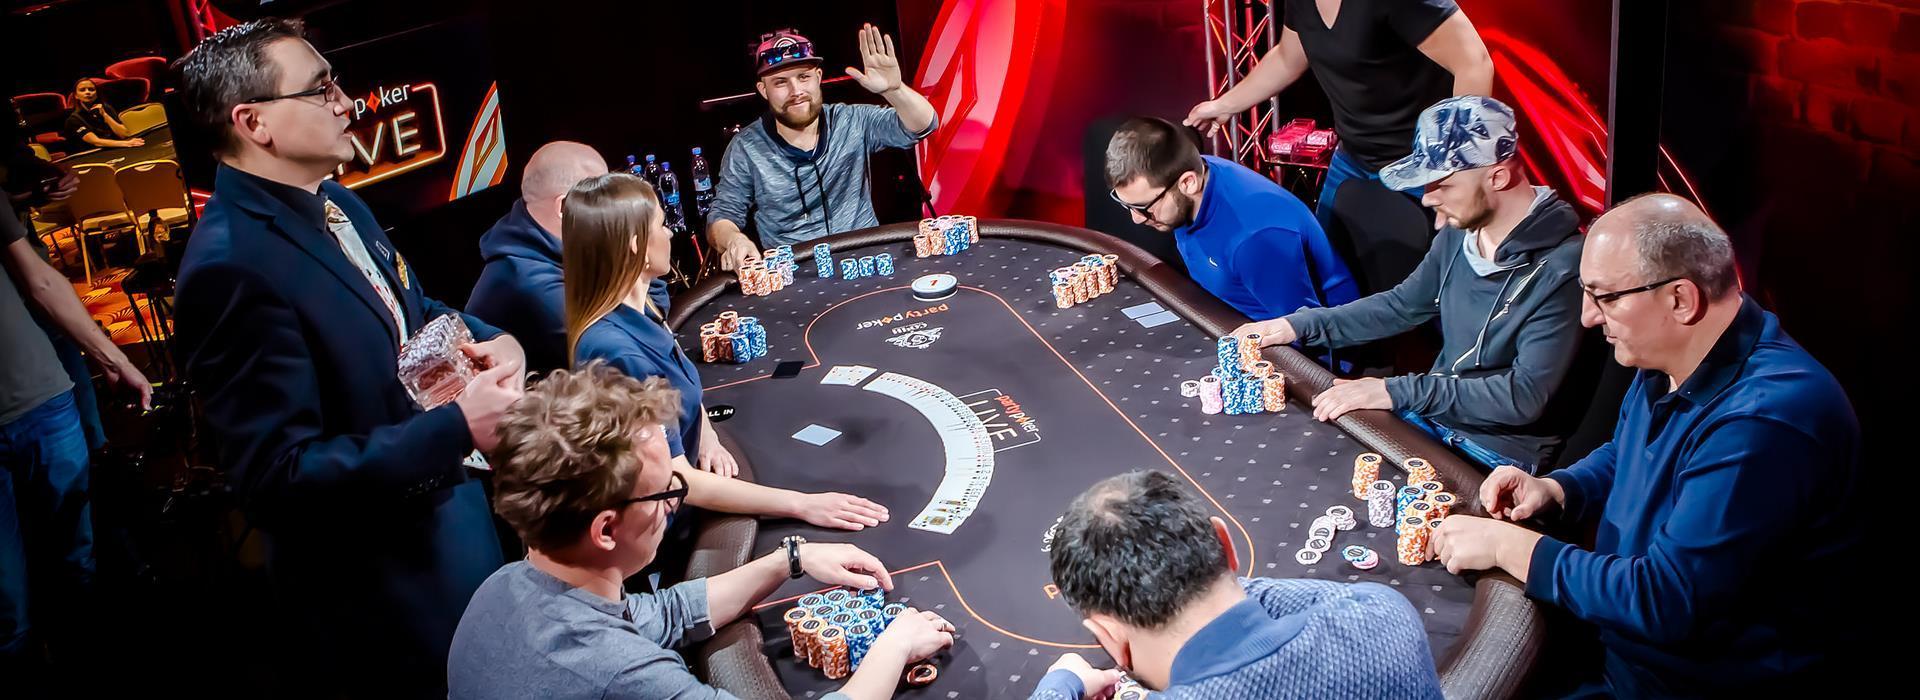 Покер турнир видео онлайн играть в рулетку в казино бесплатно и без регистрации в онлайн